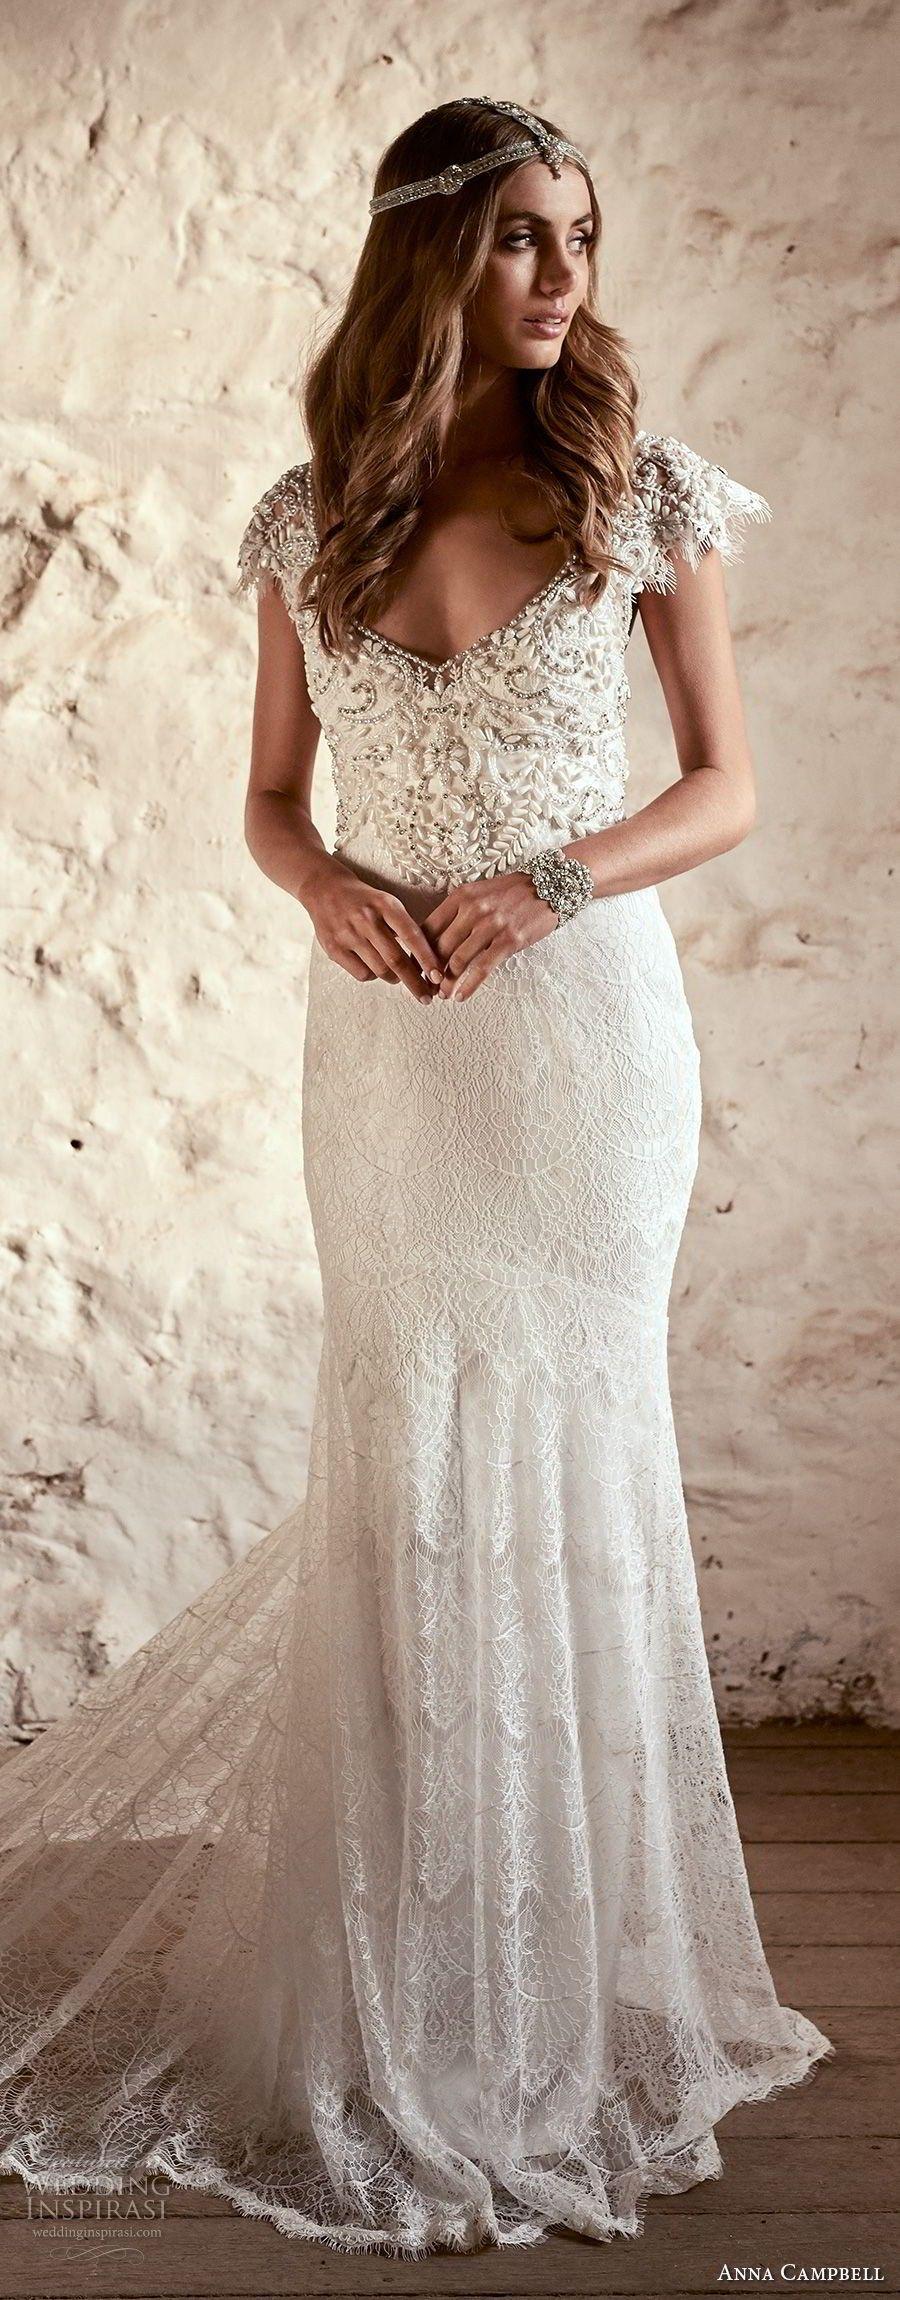 Anna Campbell 11 Brautkleider  Hochzeitskleid eng